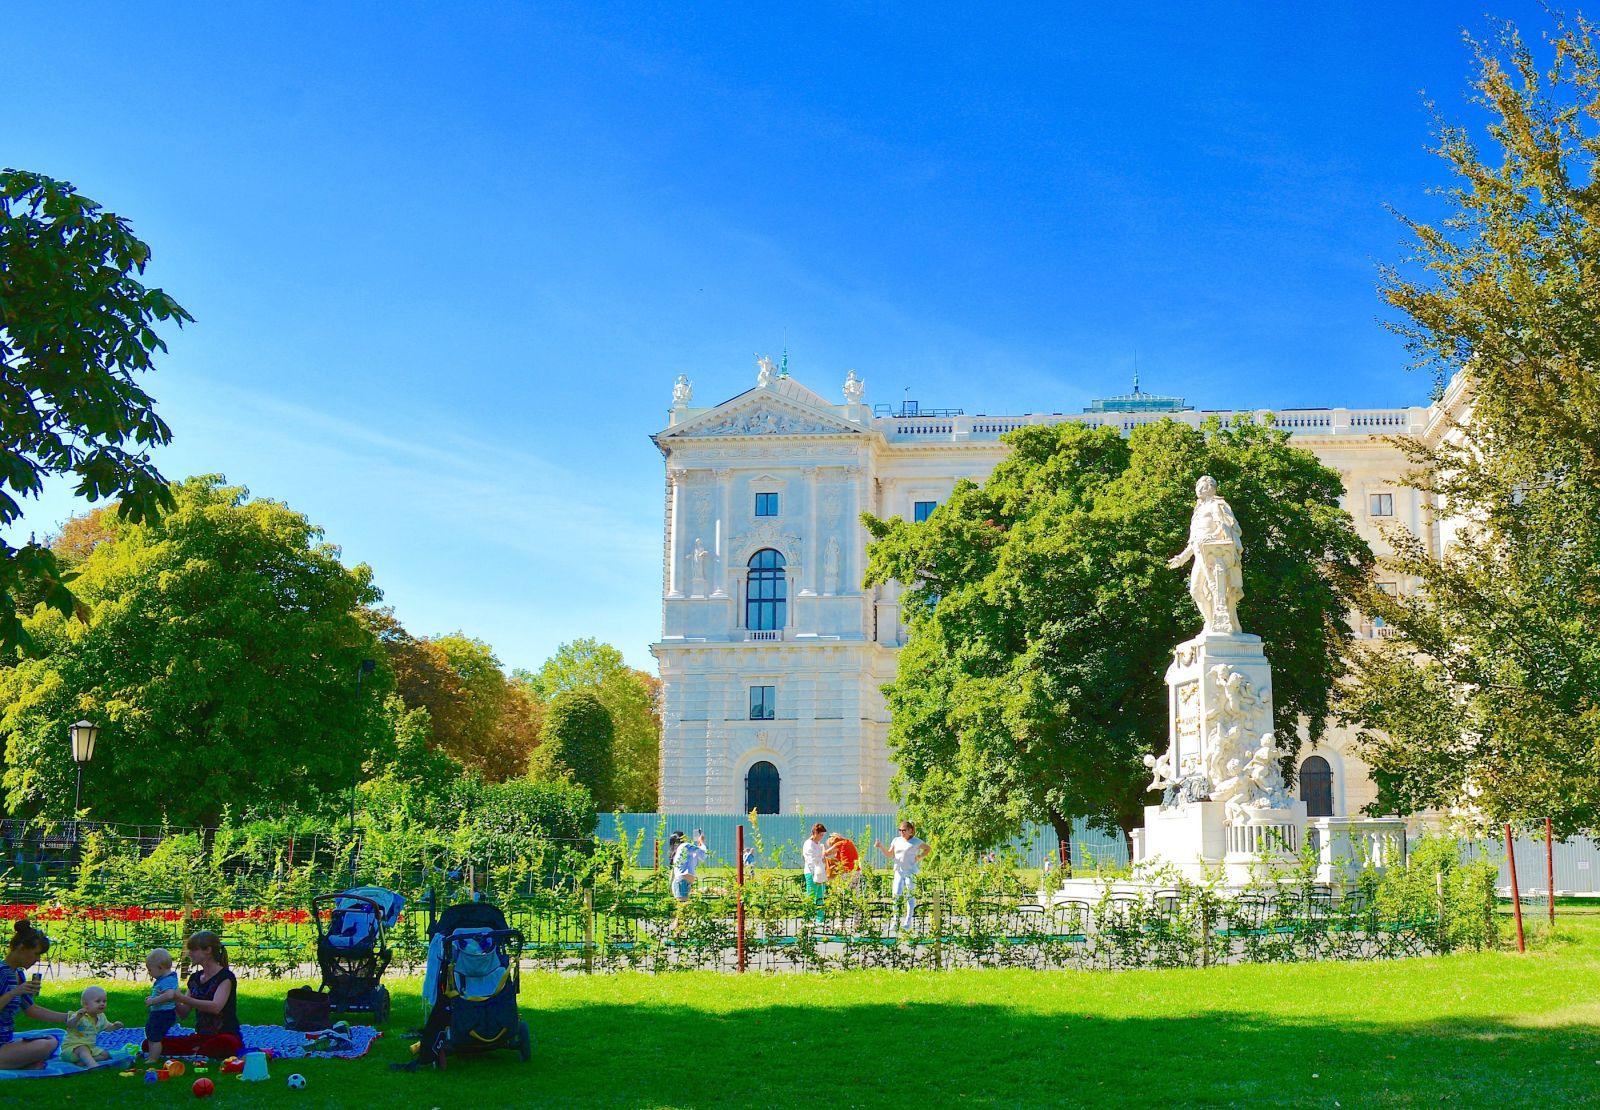 mozart-statue-vienna-imperial-gardens